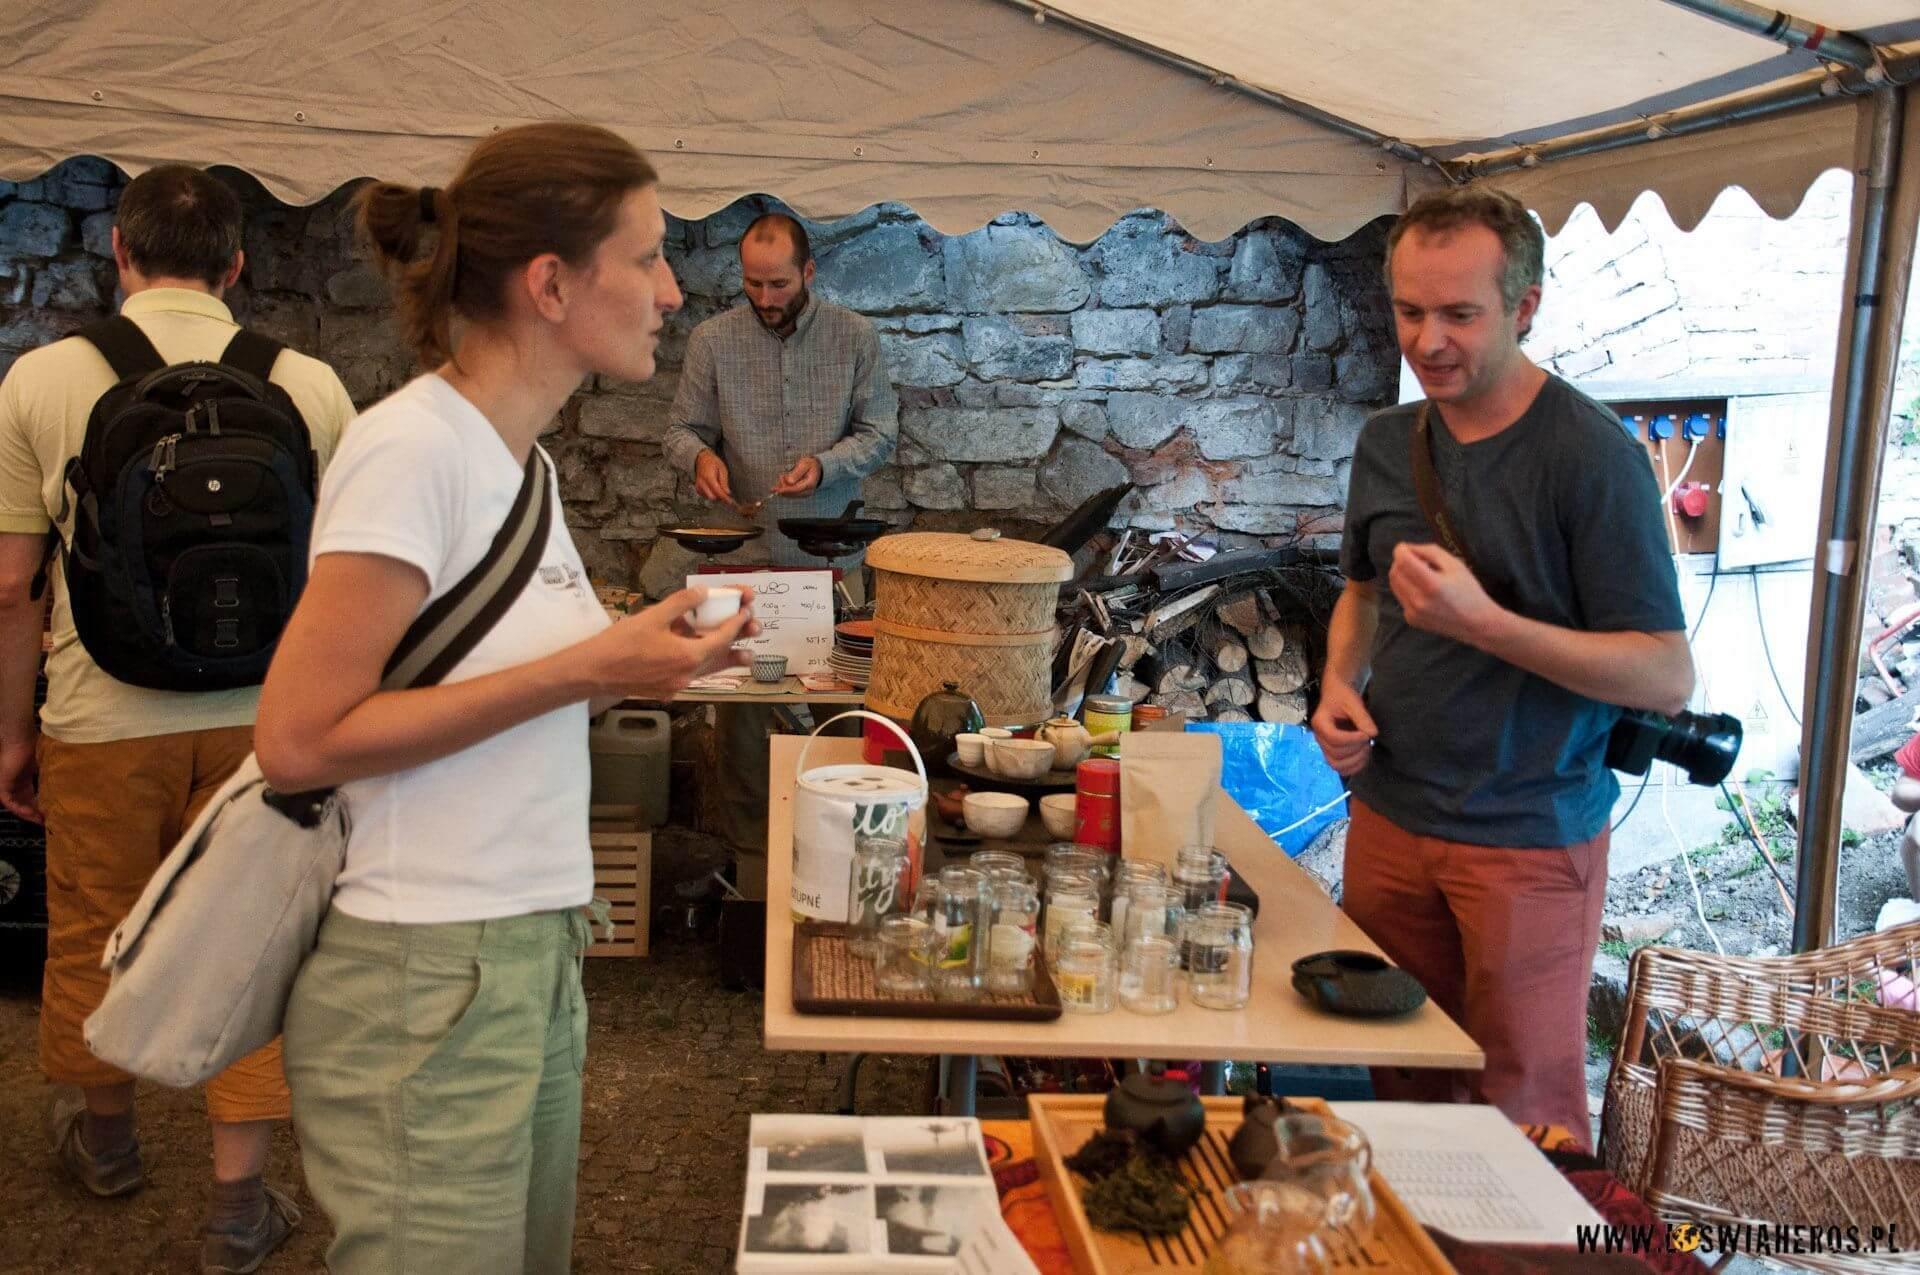 Alicja degustuje herbatę przygotowaną przez Piotra [f/3.5, 22mm]